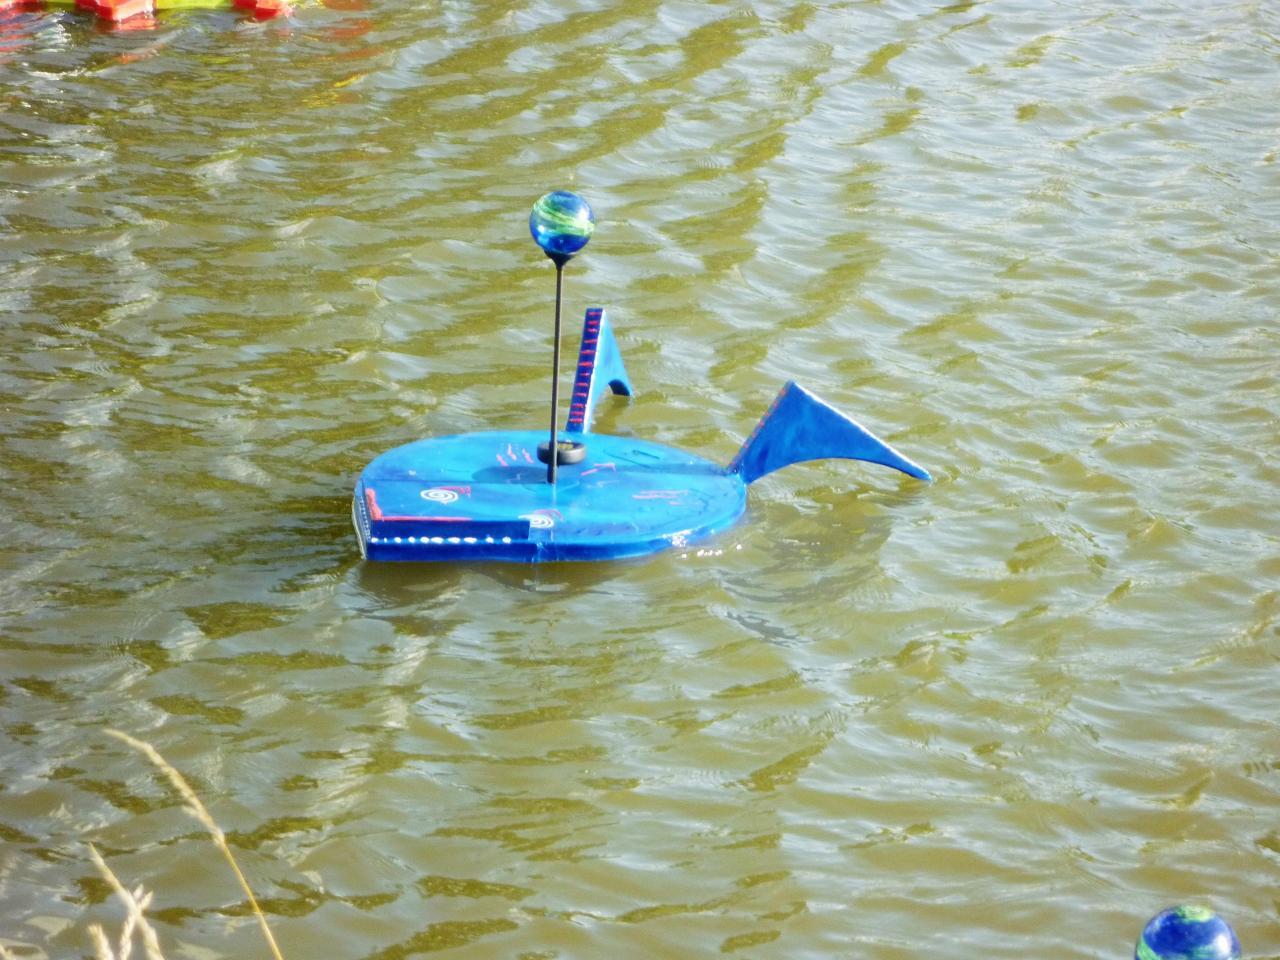 Petite grenouille bleue nageant sur l'eau